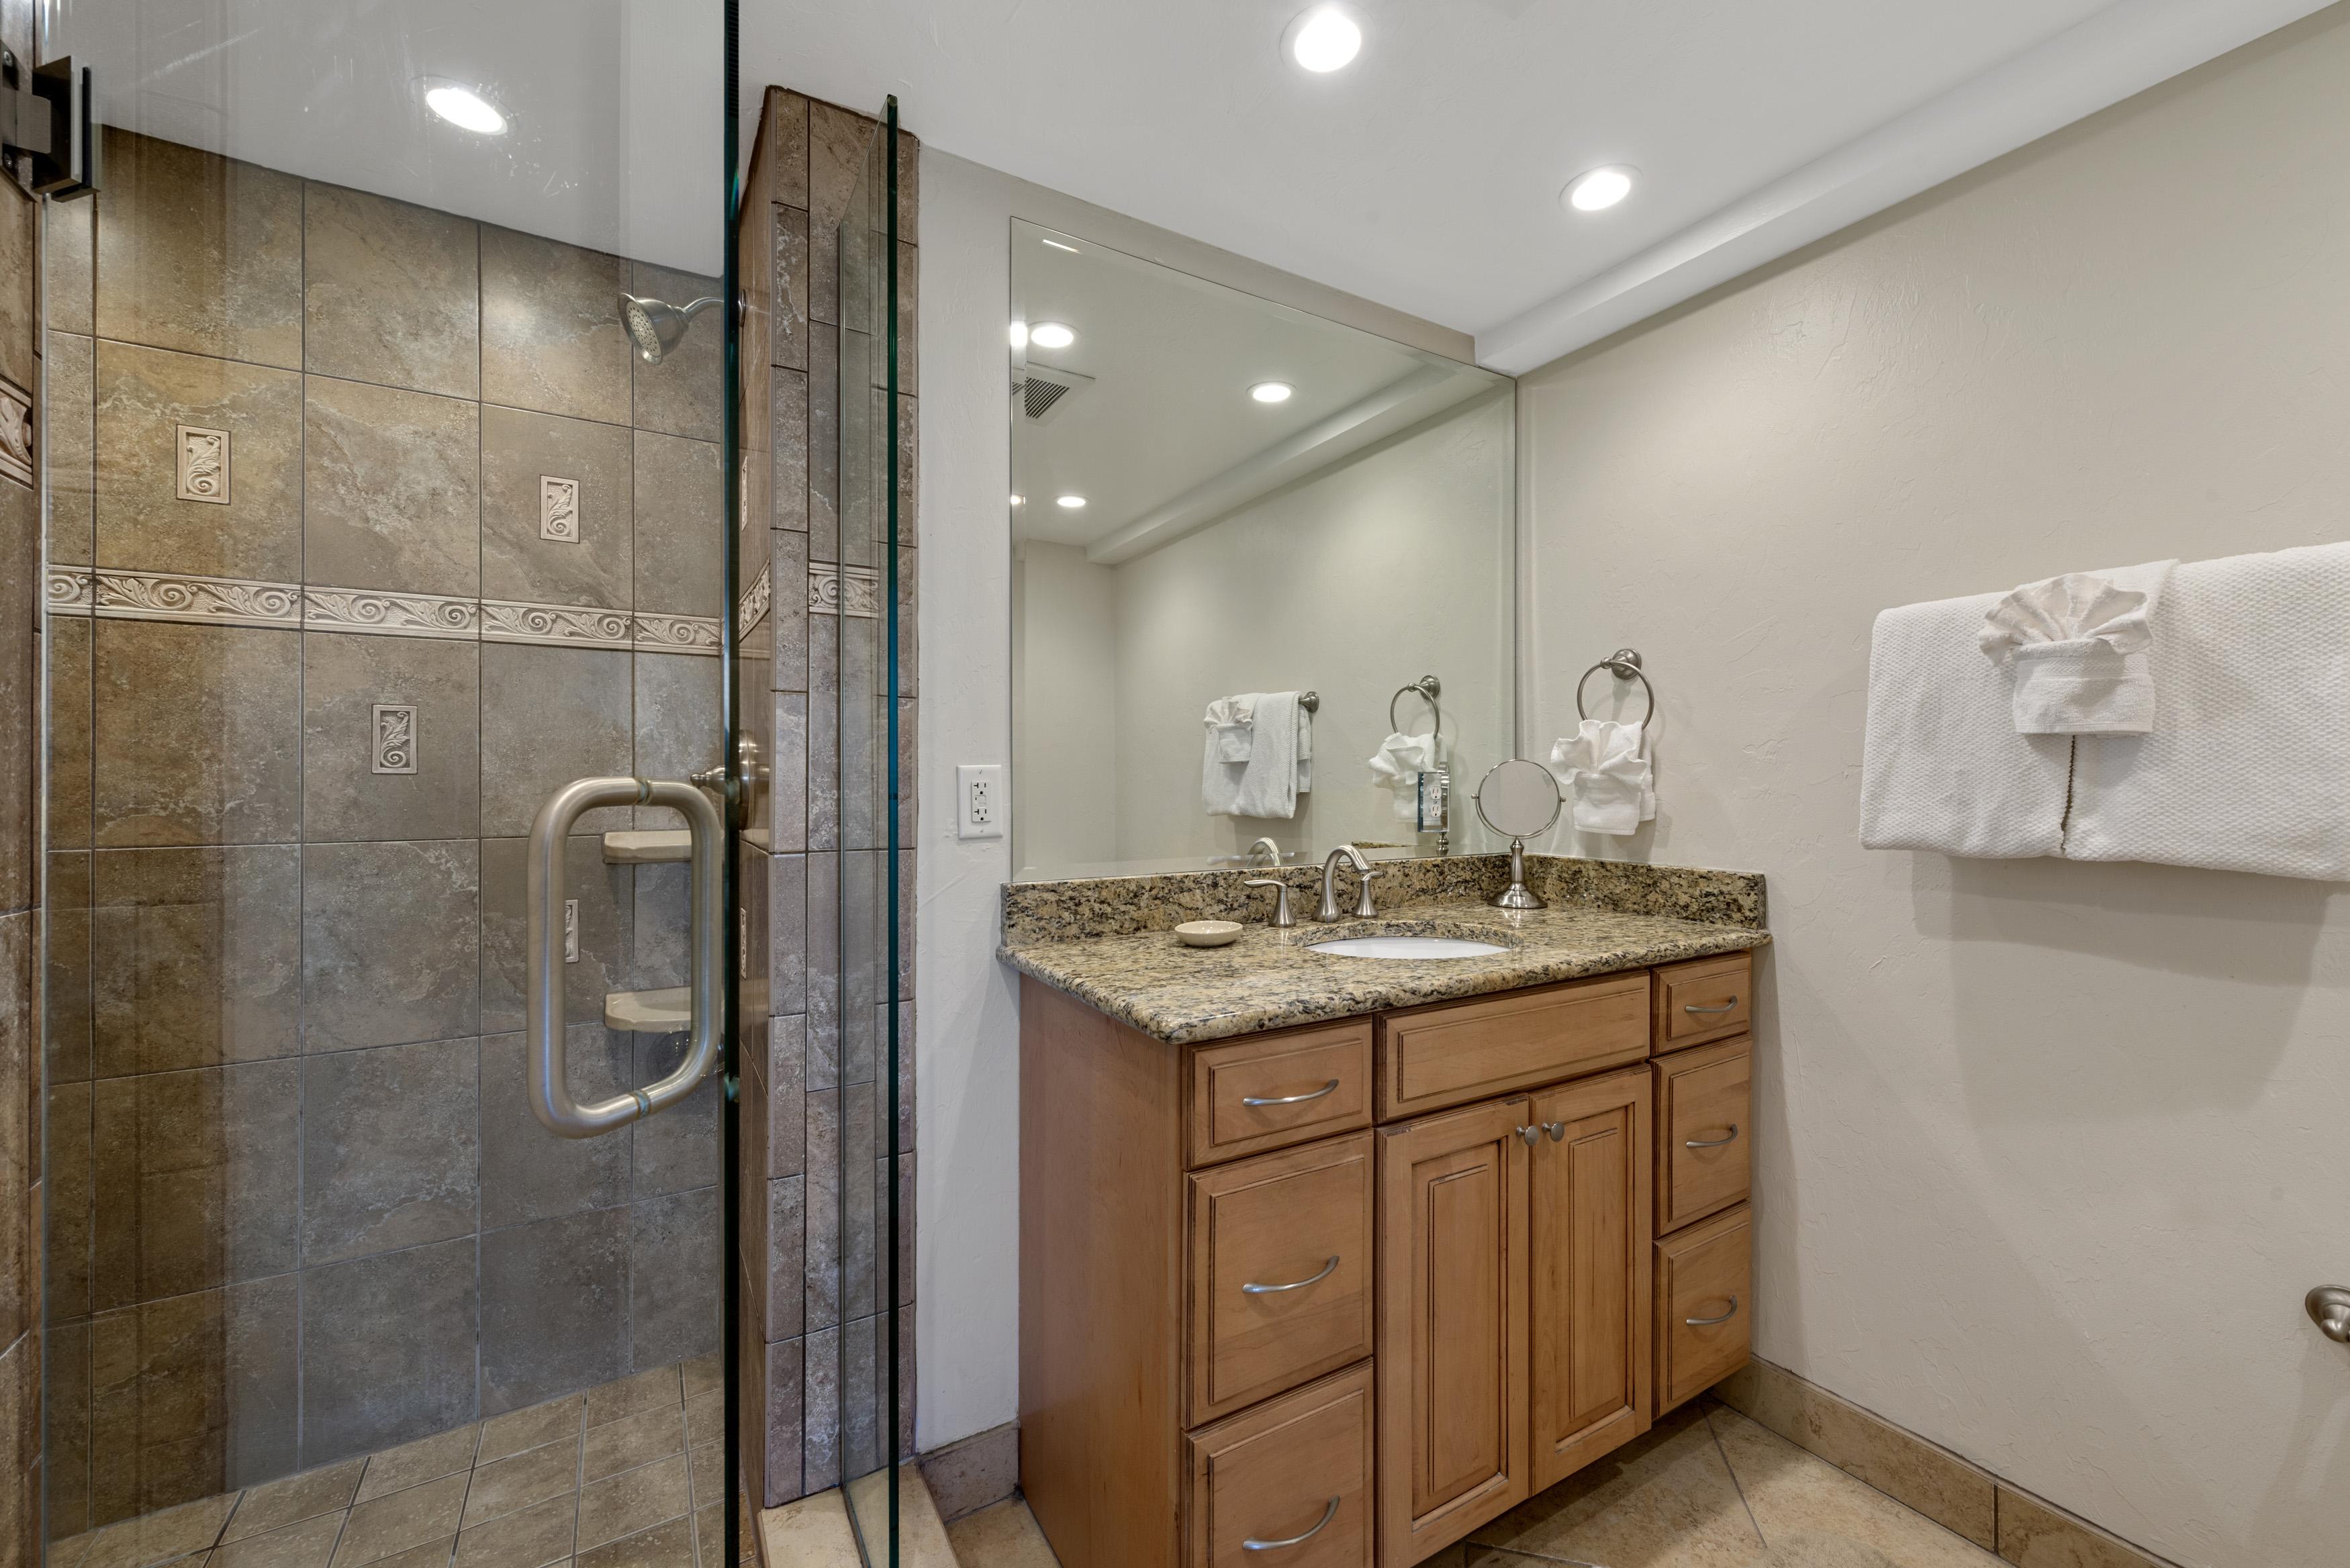 Sanibel Island Rental Condo Bathroom